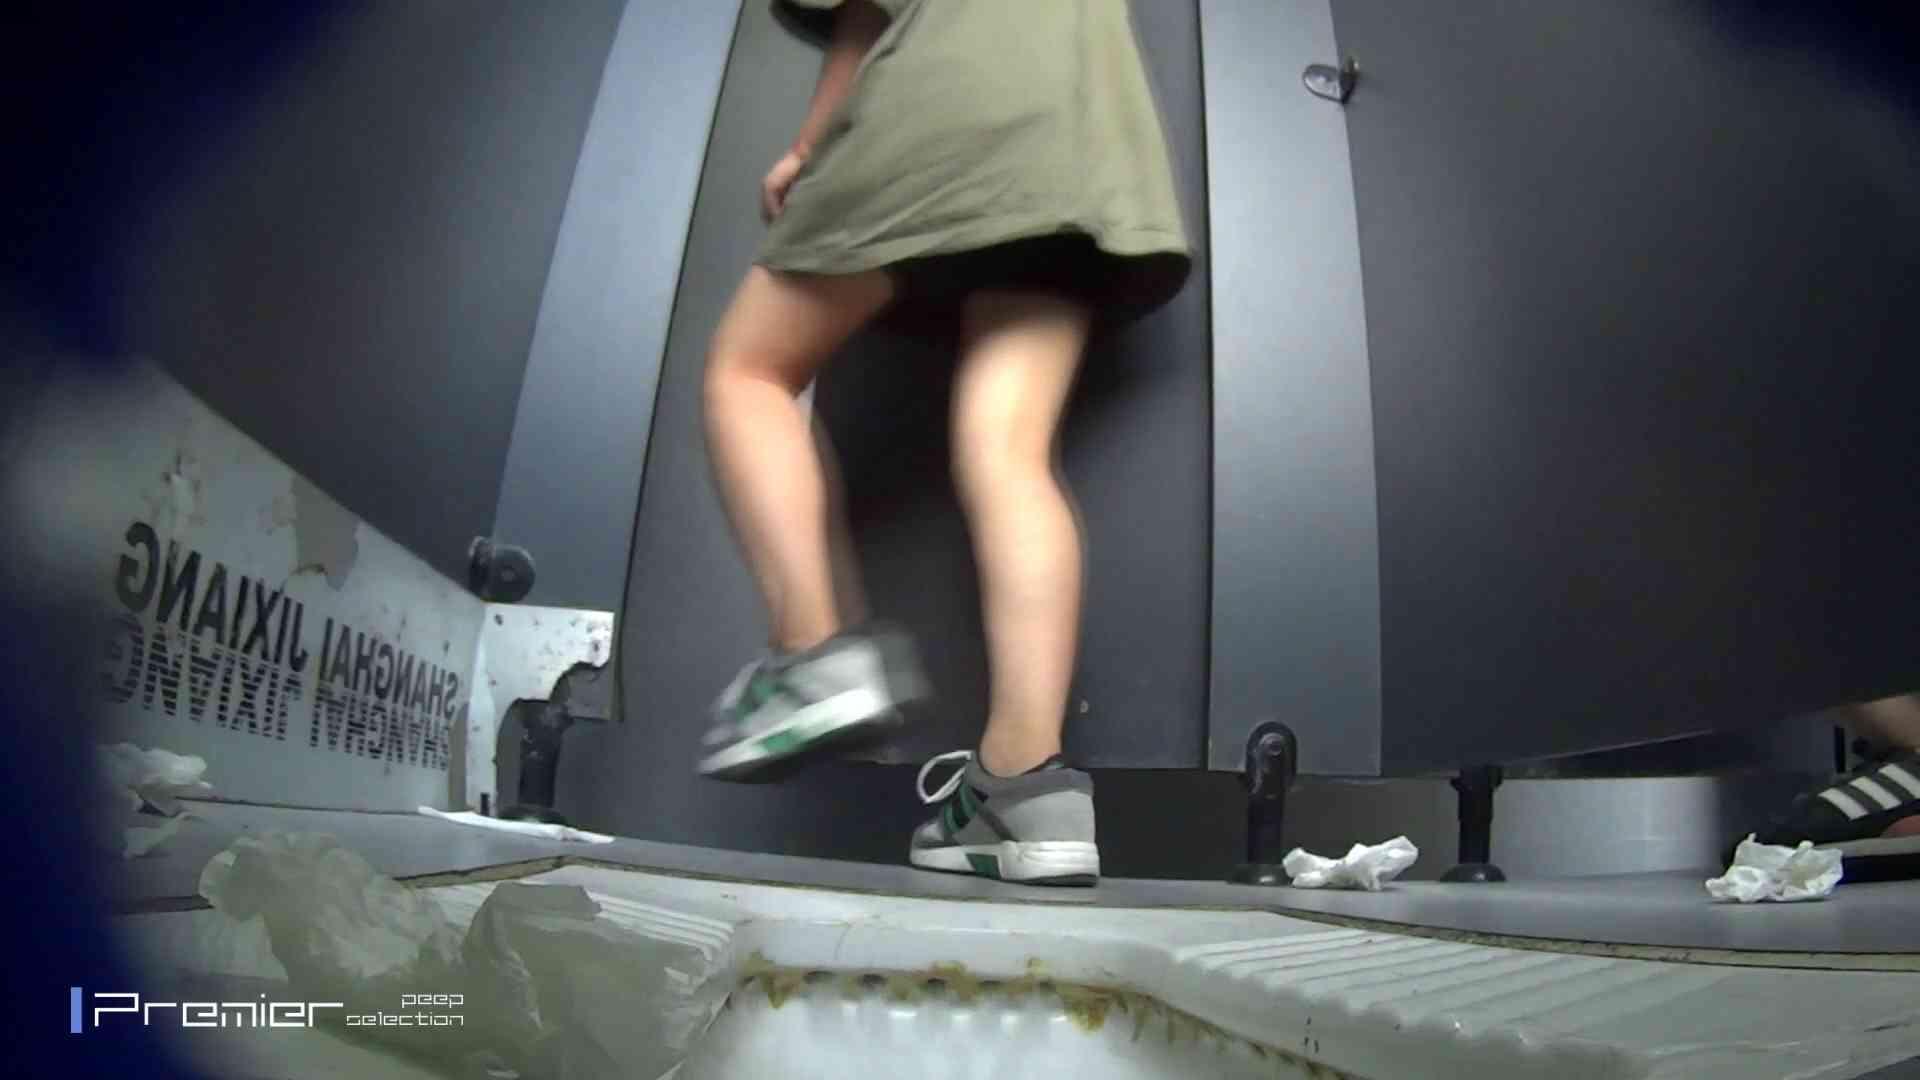 スキニージーンズの美女 大学休憩時間の洗面所事情56 盗撮大放出 濡れ場動画紹介 88連発 50